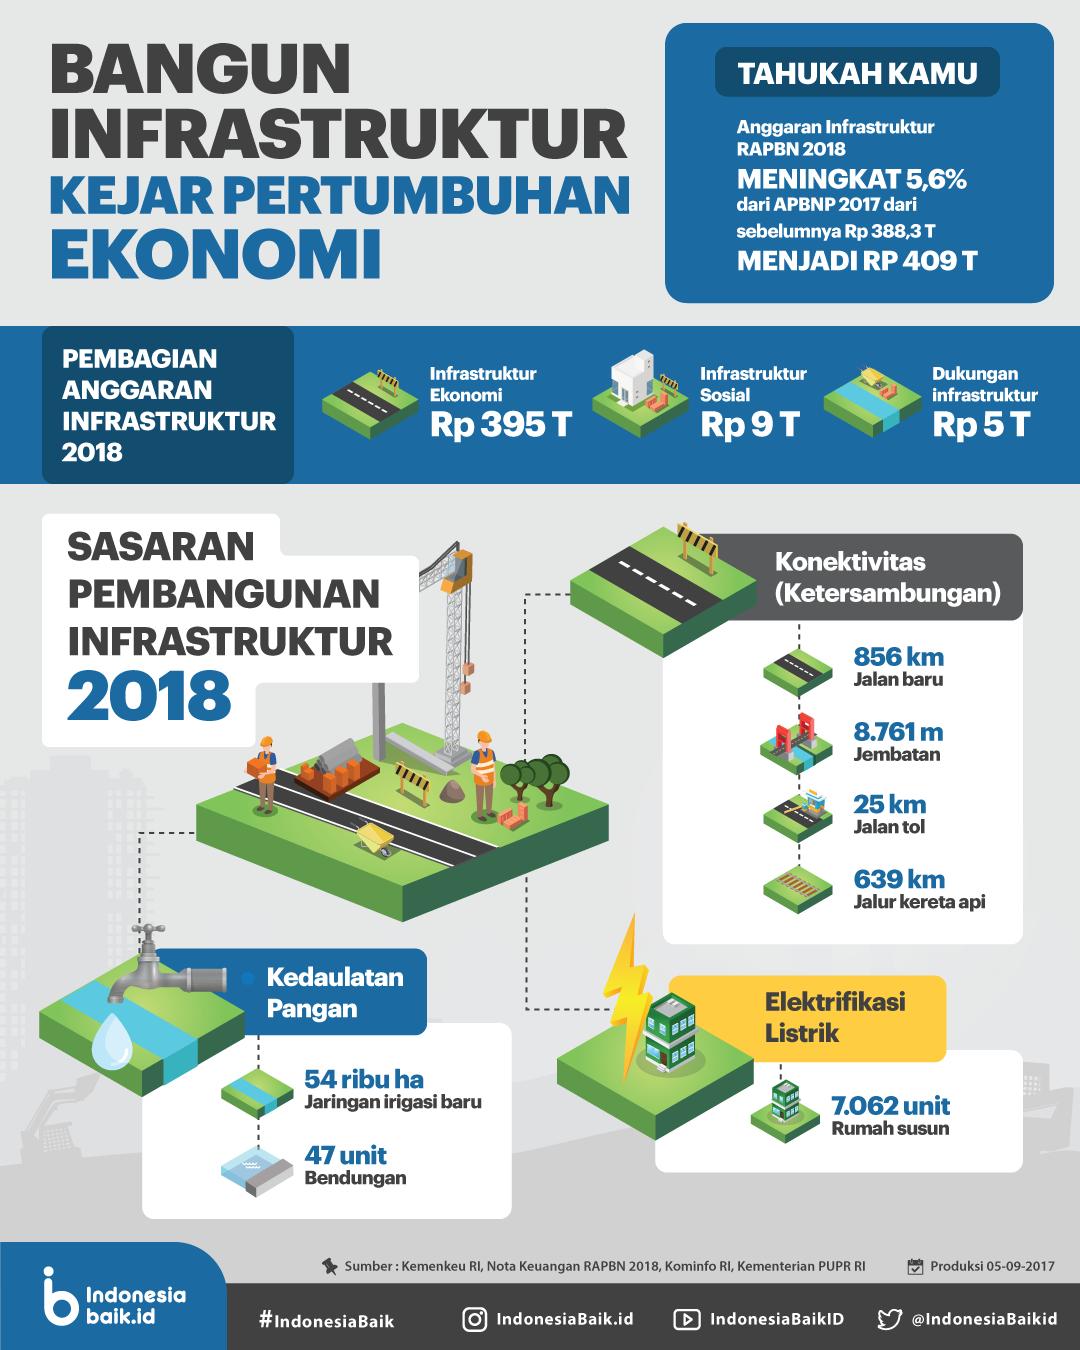 Bangun Infrastruktur Kejar Pertumbuhan Ekonomi